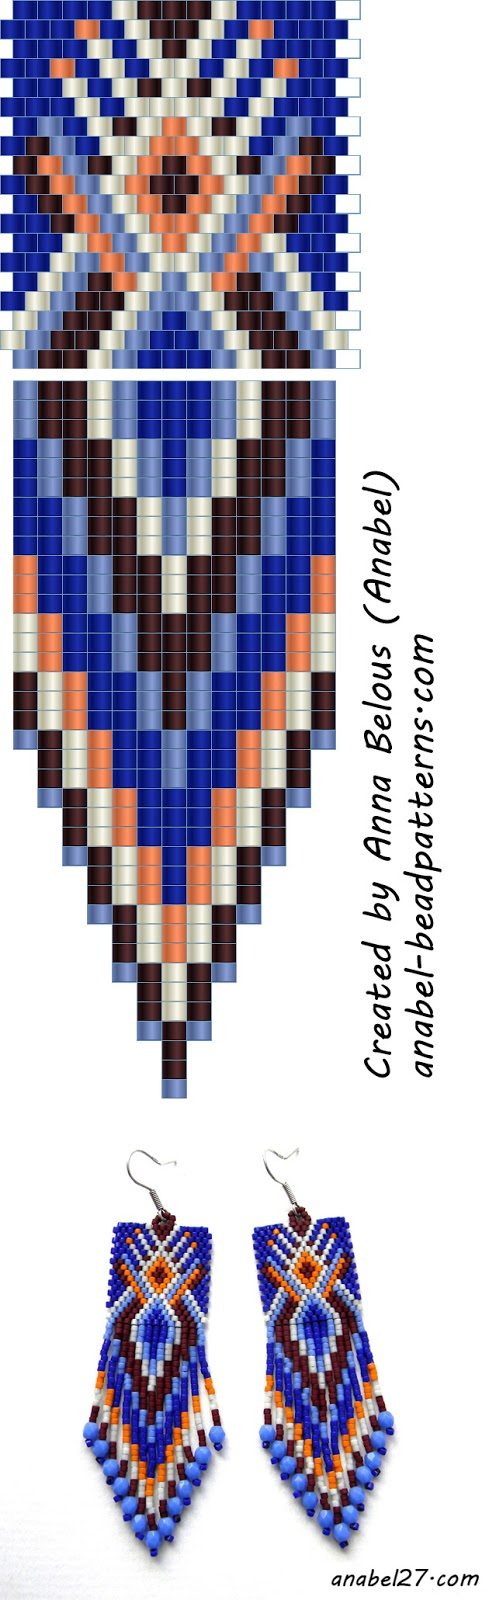 Схема сережек - мозаичное